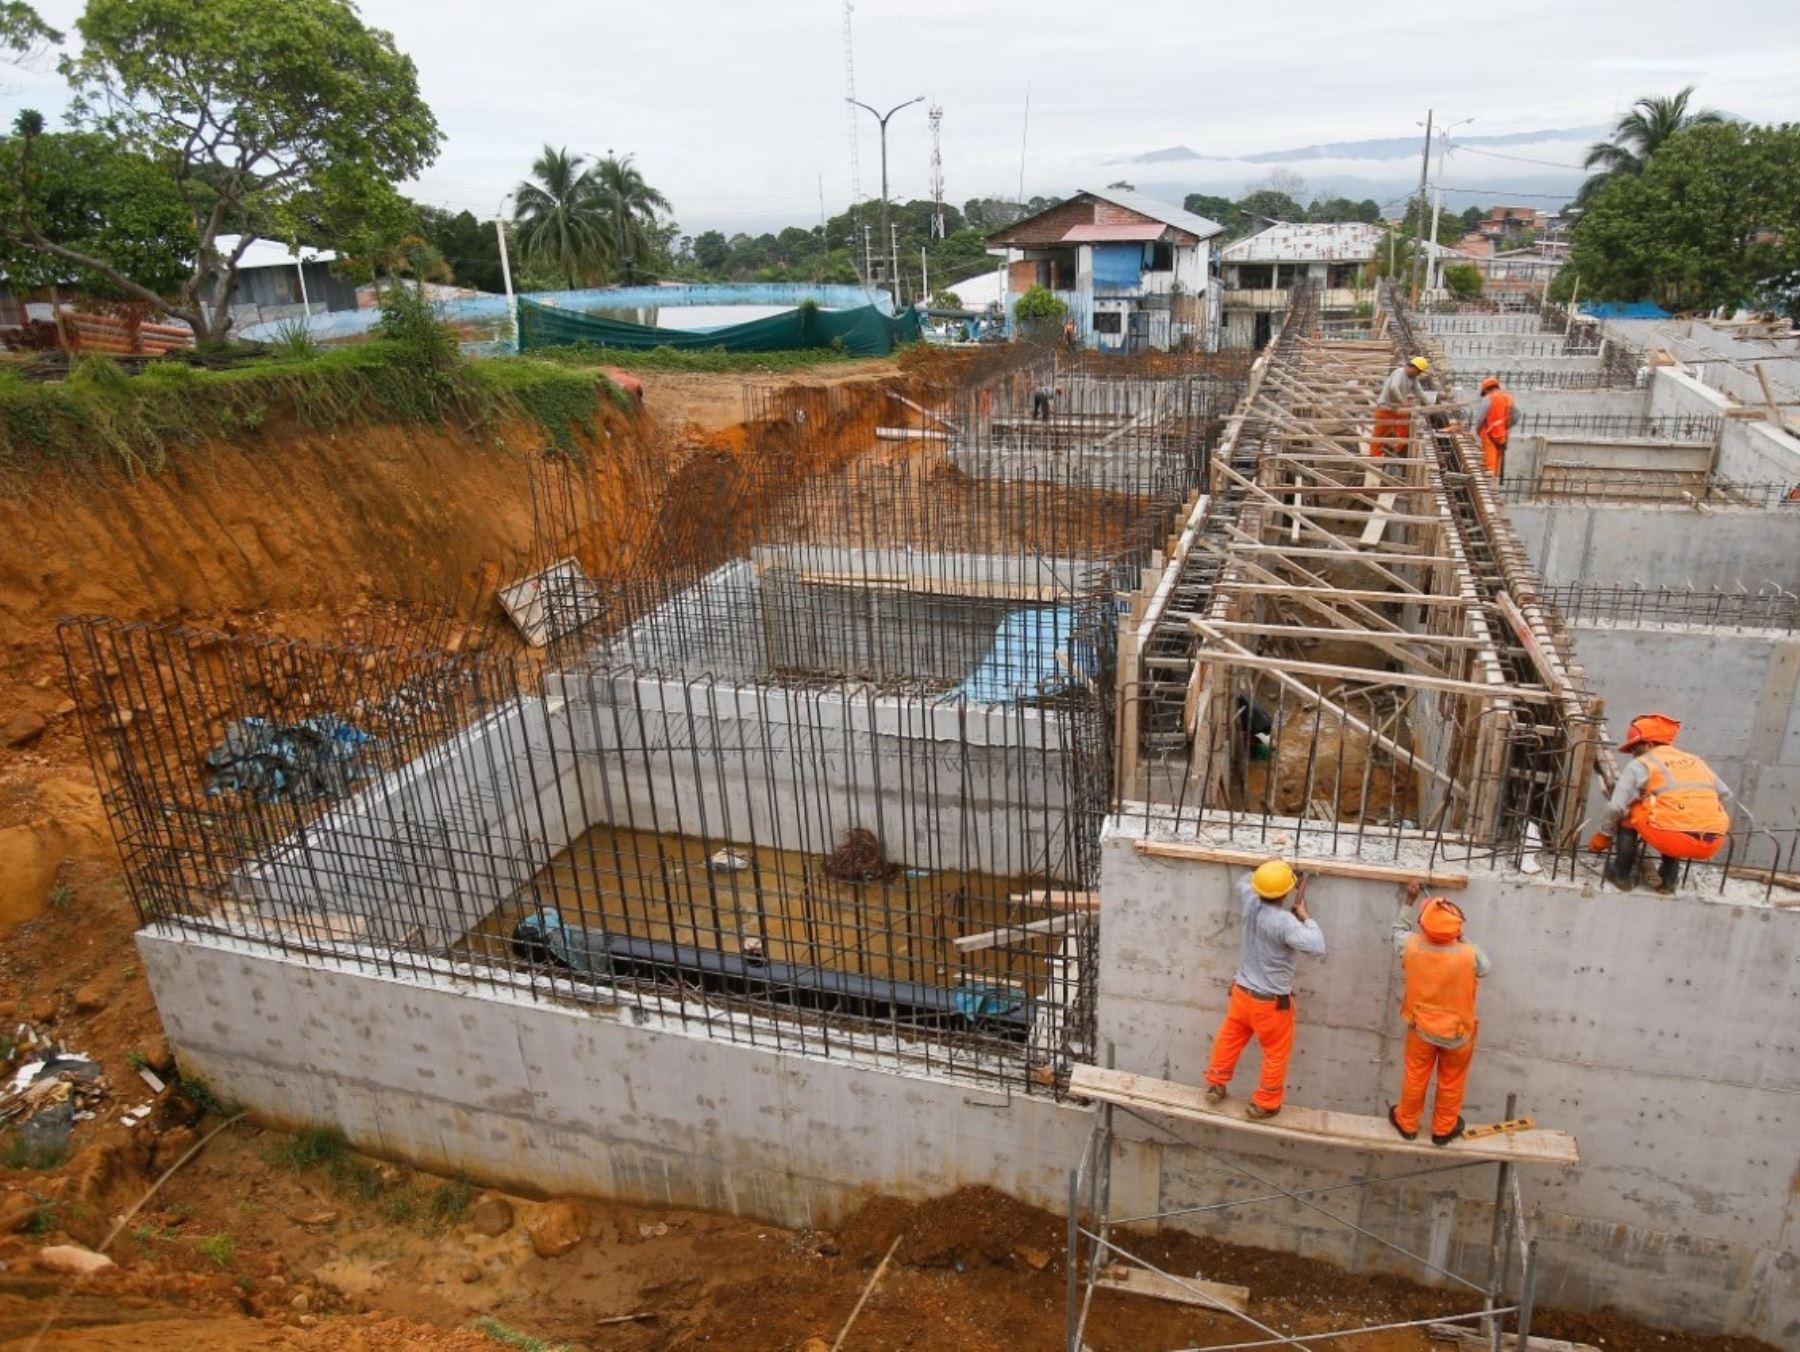 Como parte del plan Arranca Perú 2, diversos municipios de Amazonas recibieron S/ 81.6 millones para ejecutar obras de saneamiento, pistas y veredas.